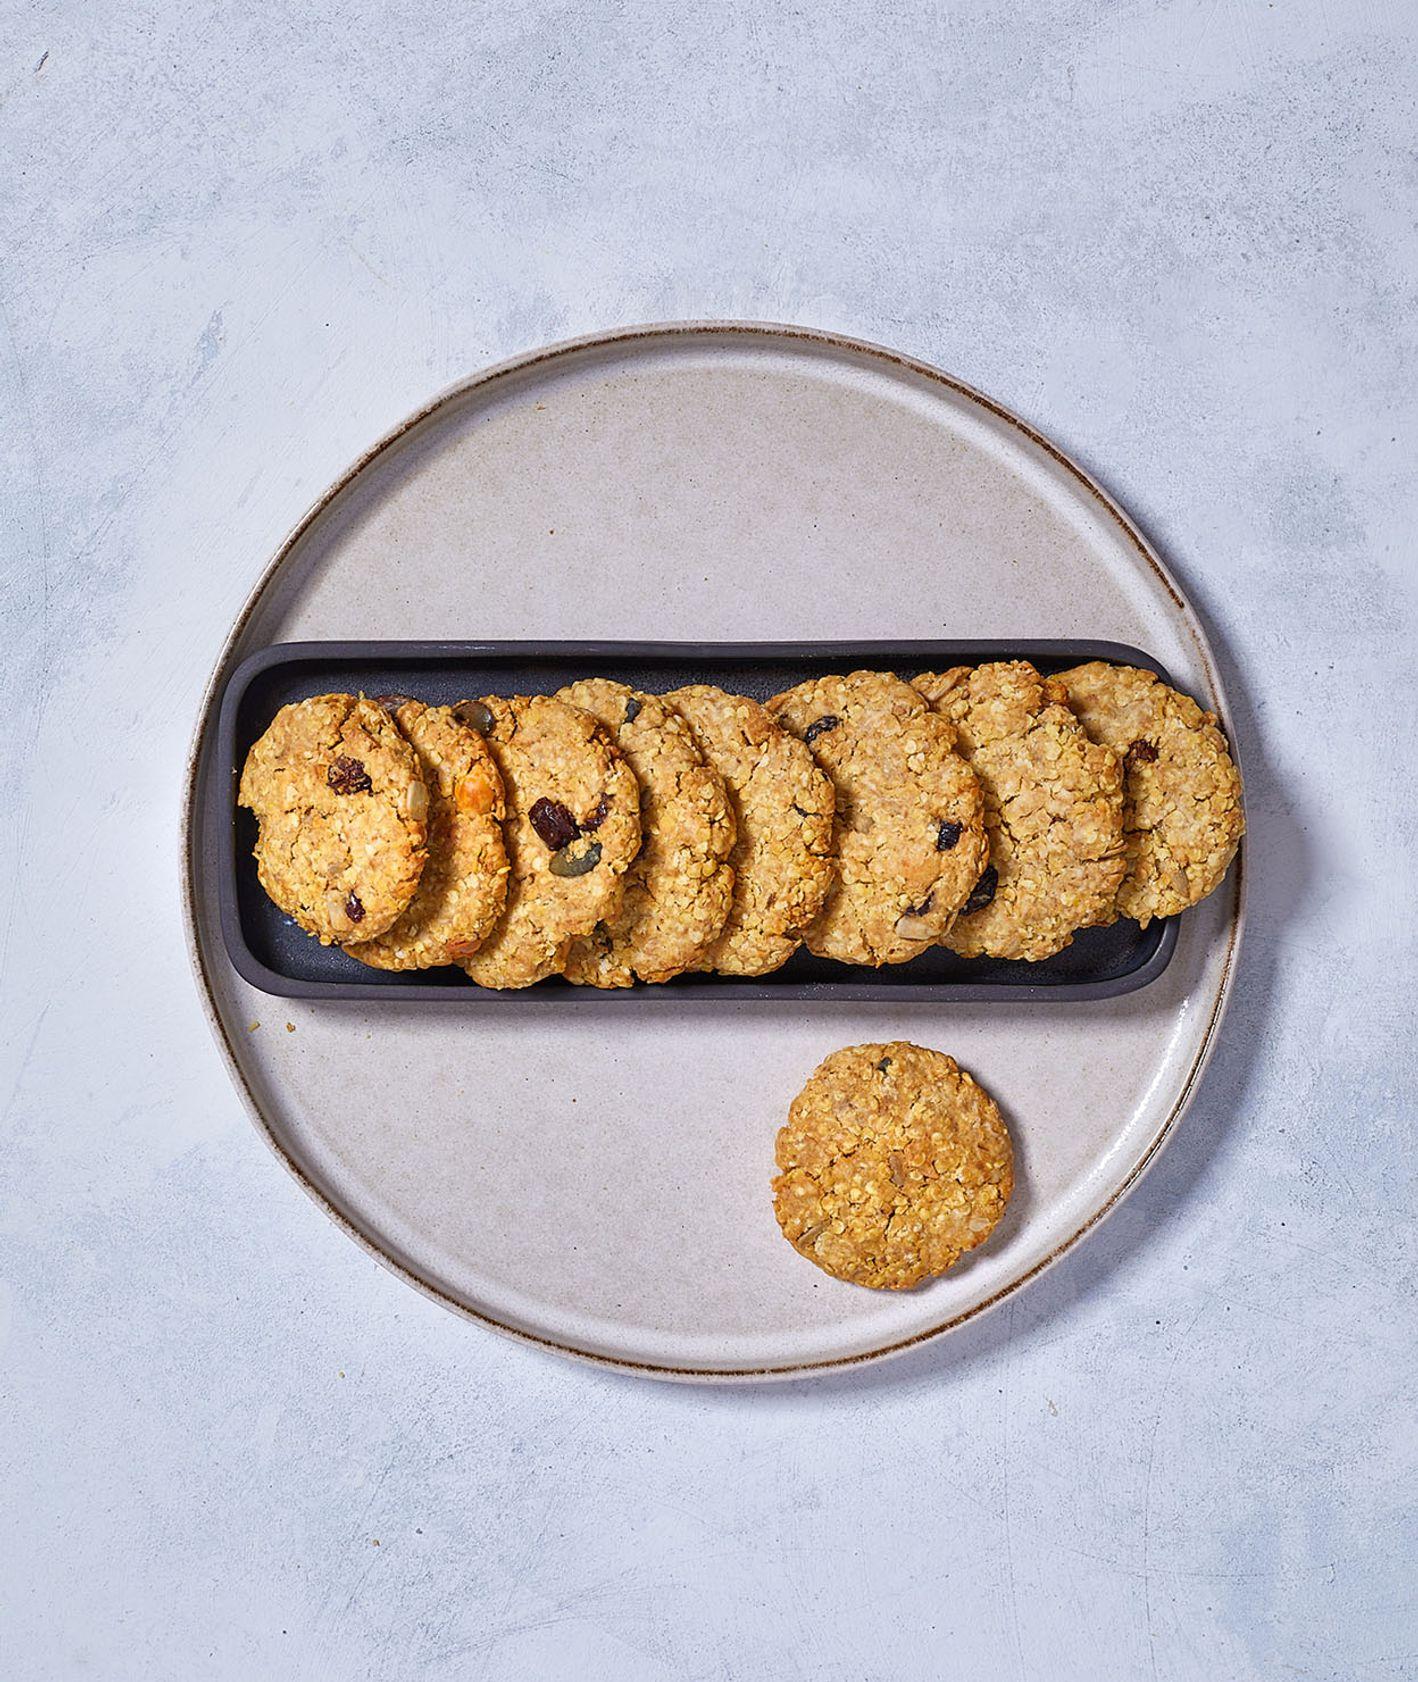 Szybkie w wykonaniu owsiane ciasteczka (fot. Maciek Niemojewski)